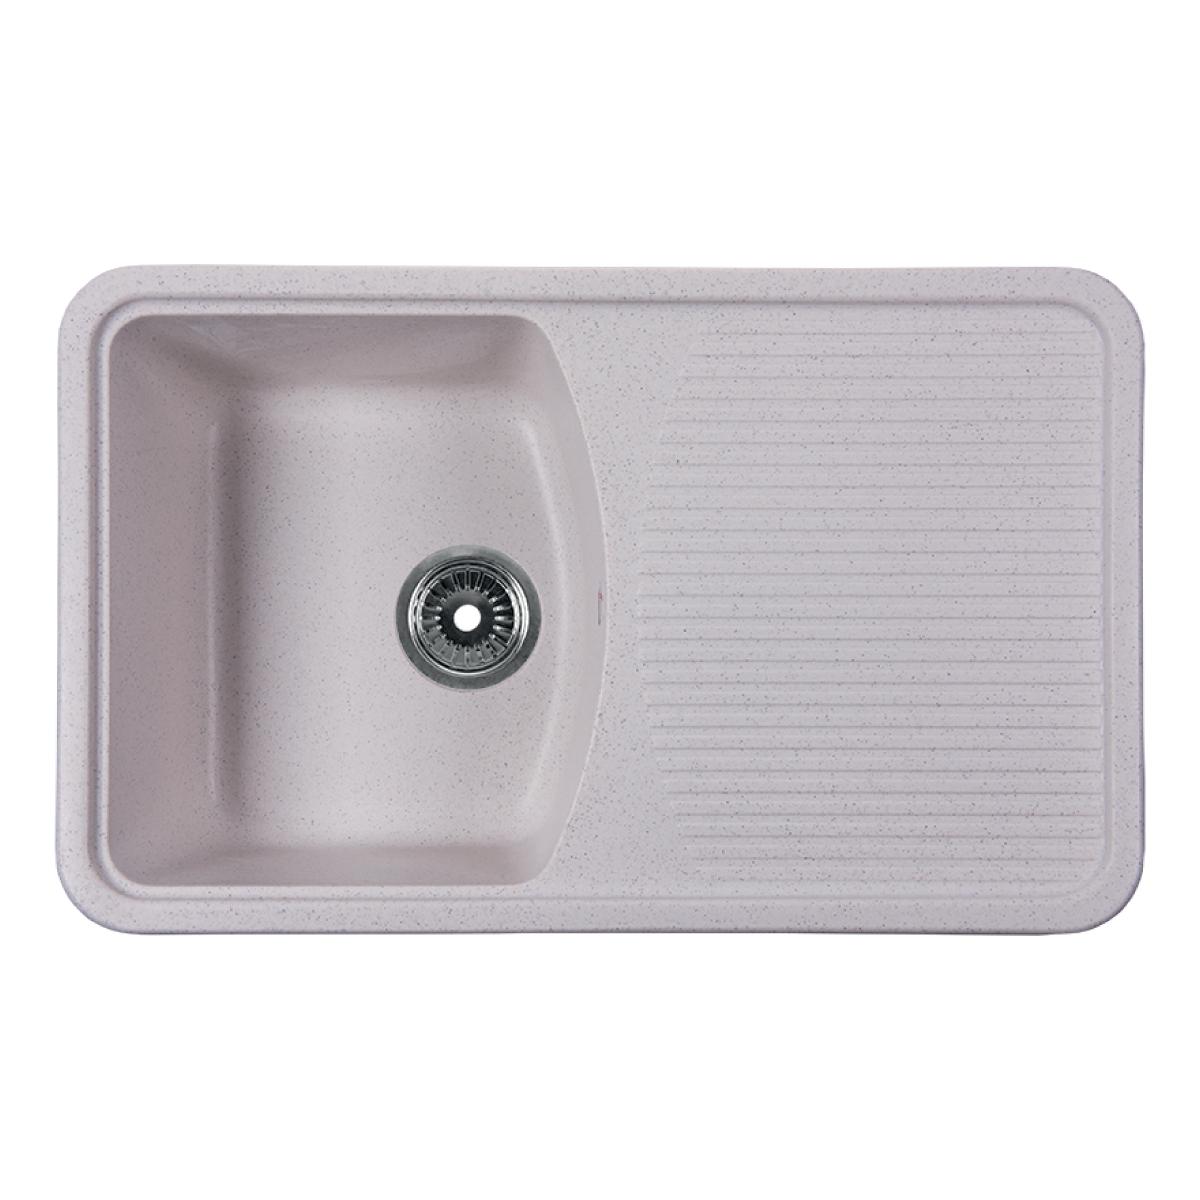 Мойка Rossinka для кухни из исскуственного камня квадратная, с крылом, реверсивная, с сифоном, RS76-47SW-White